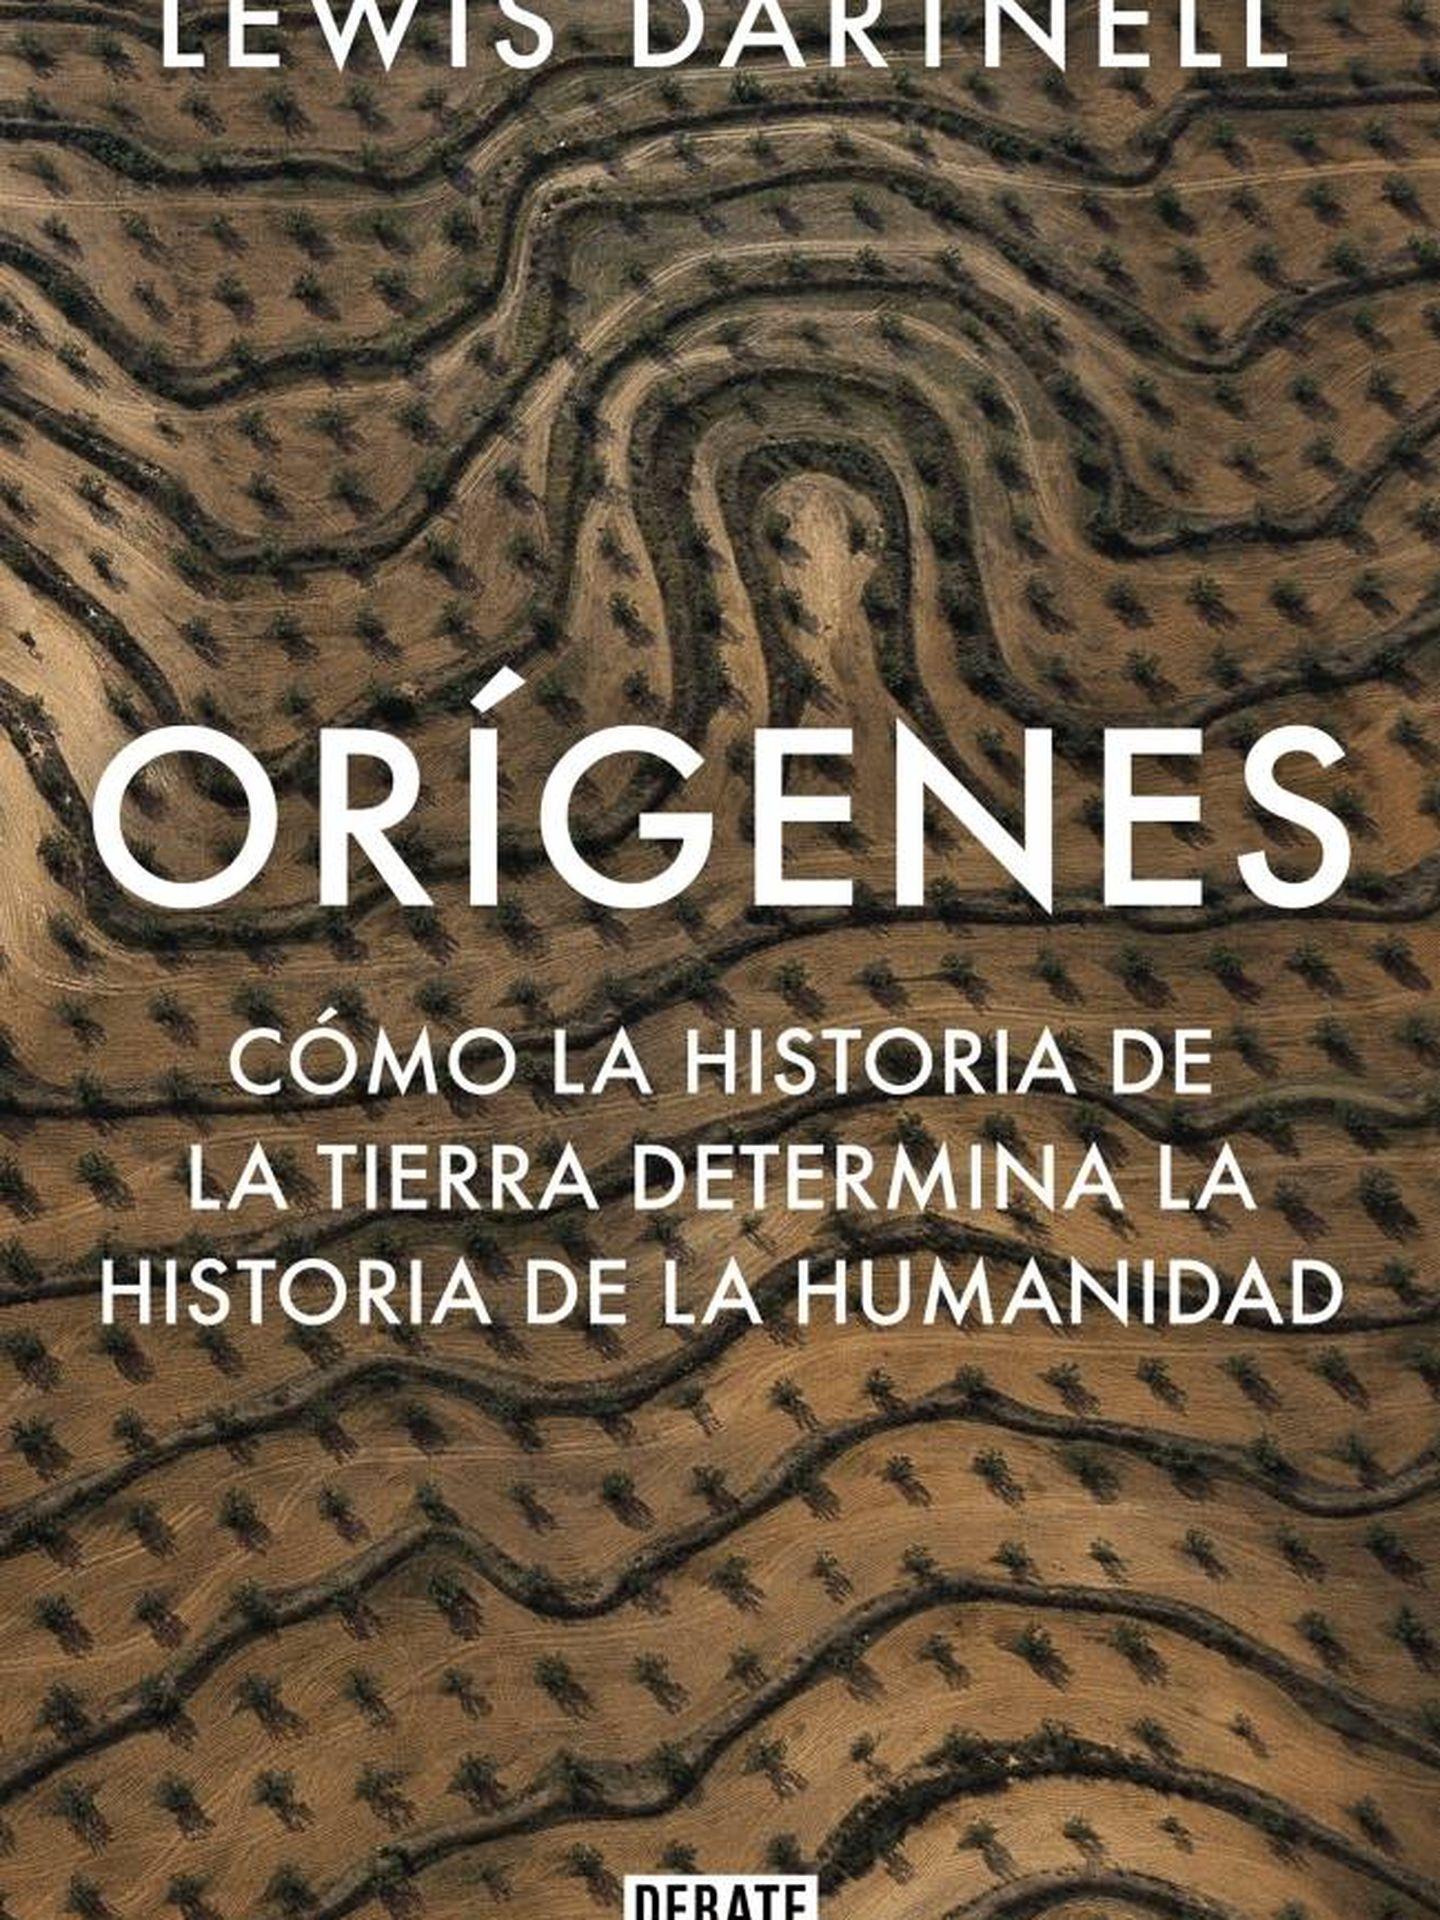 'Orígenes'